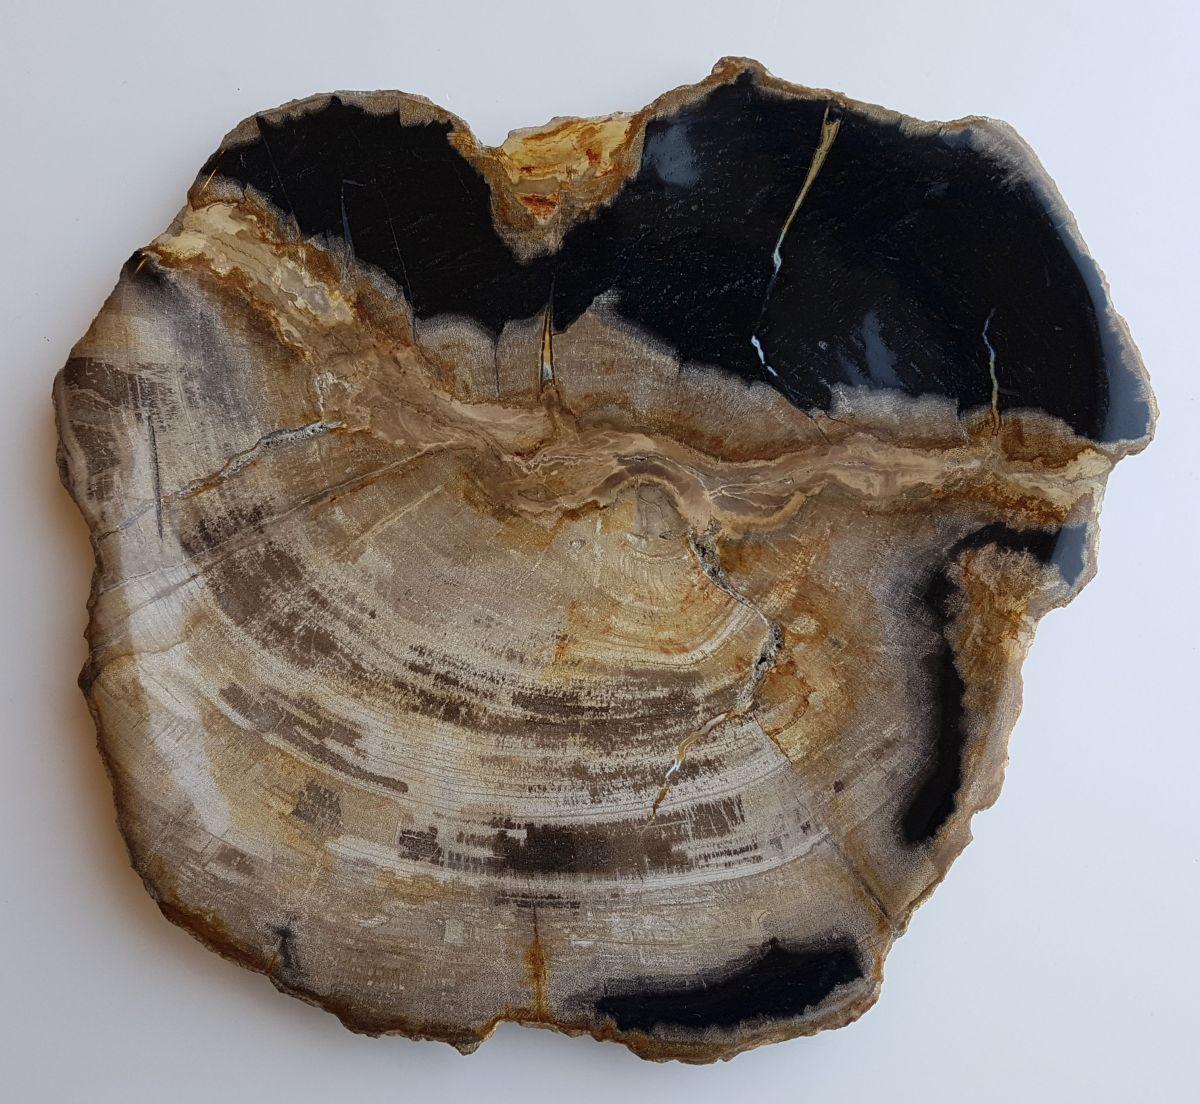 Plate petrified wood 33031a